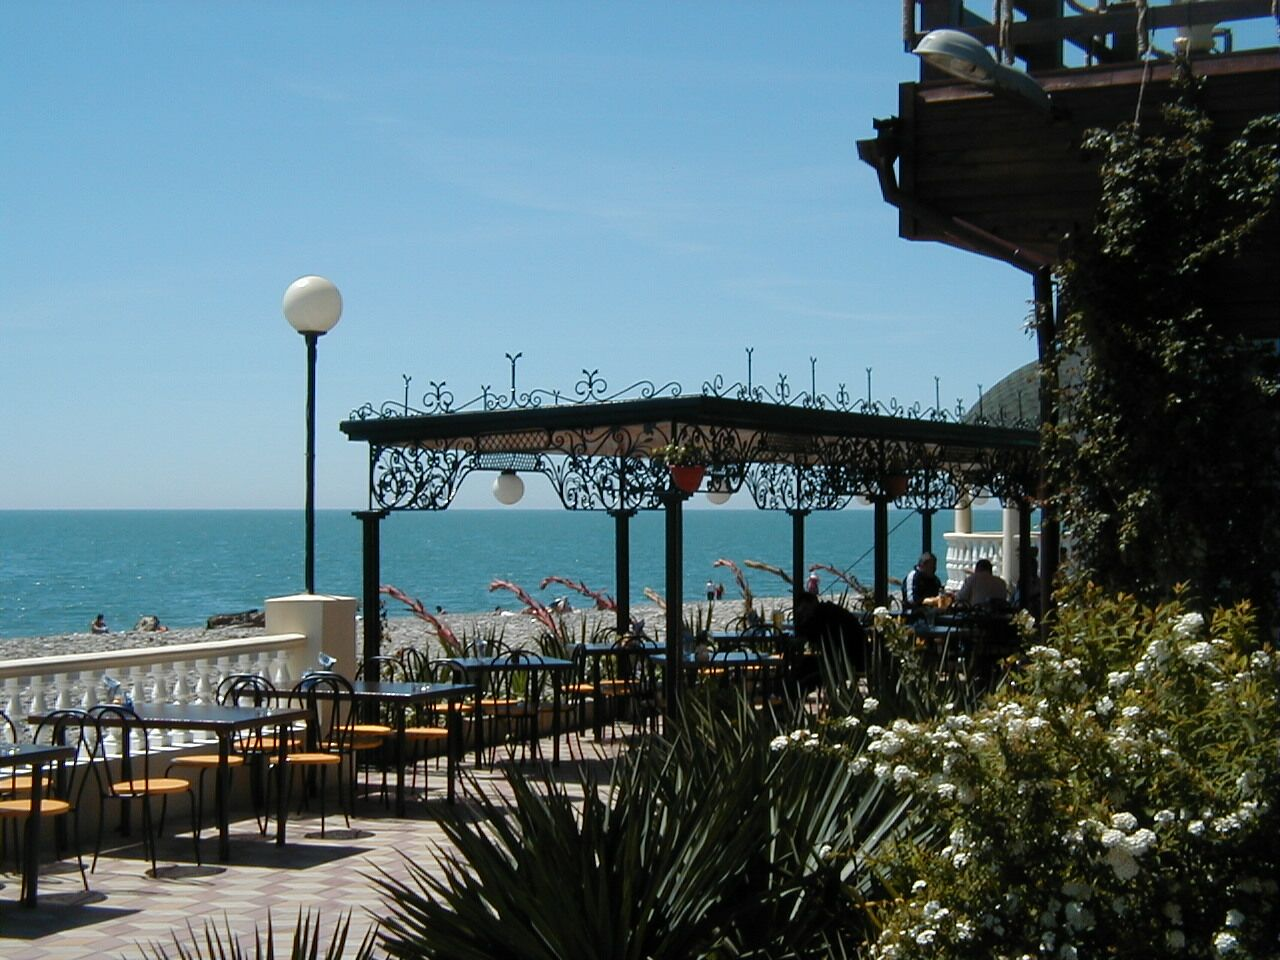 Центральный пляж Дагомыс : лучшие советы перед посещением 23